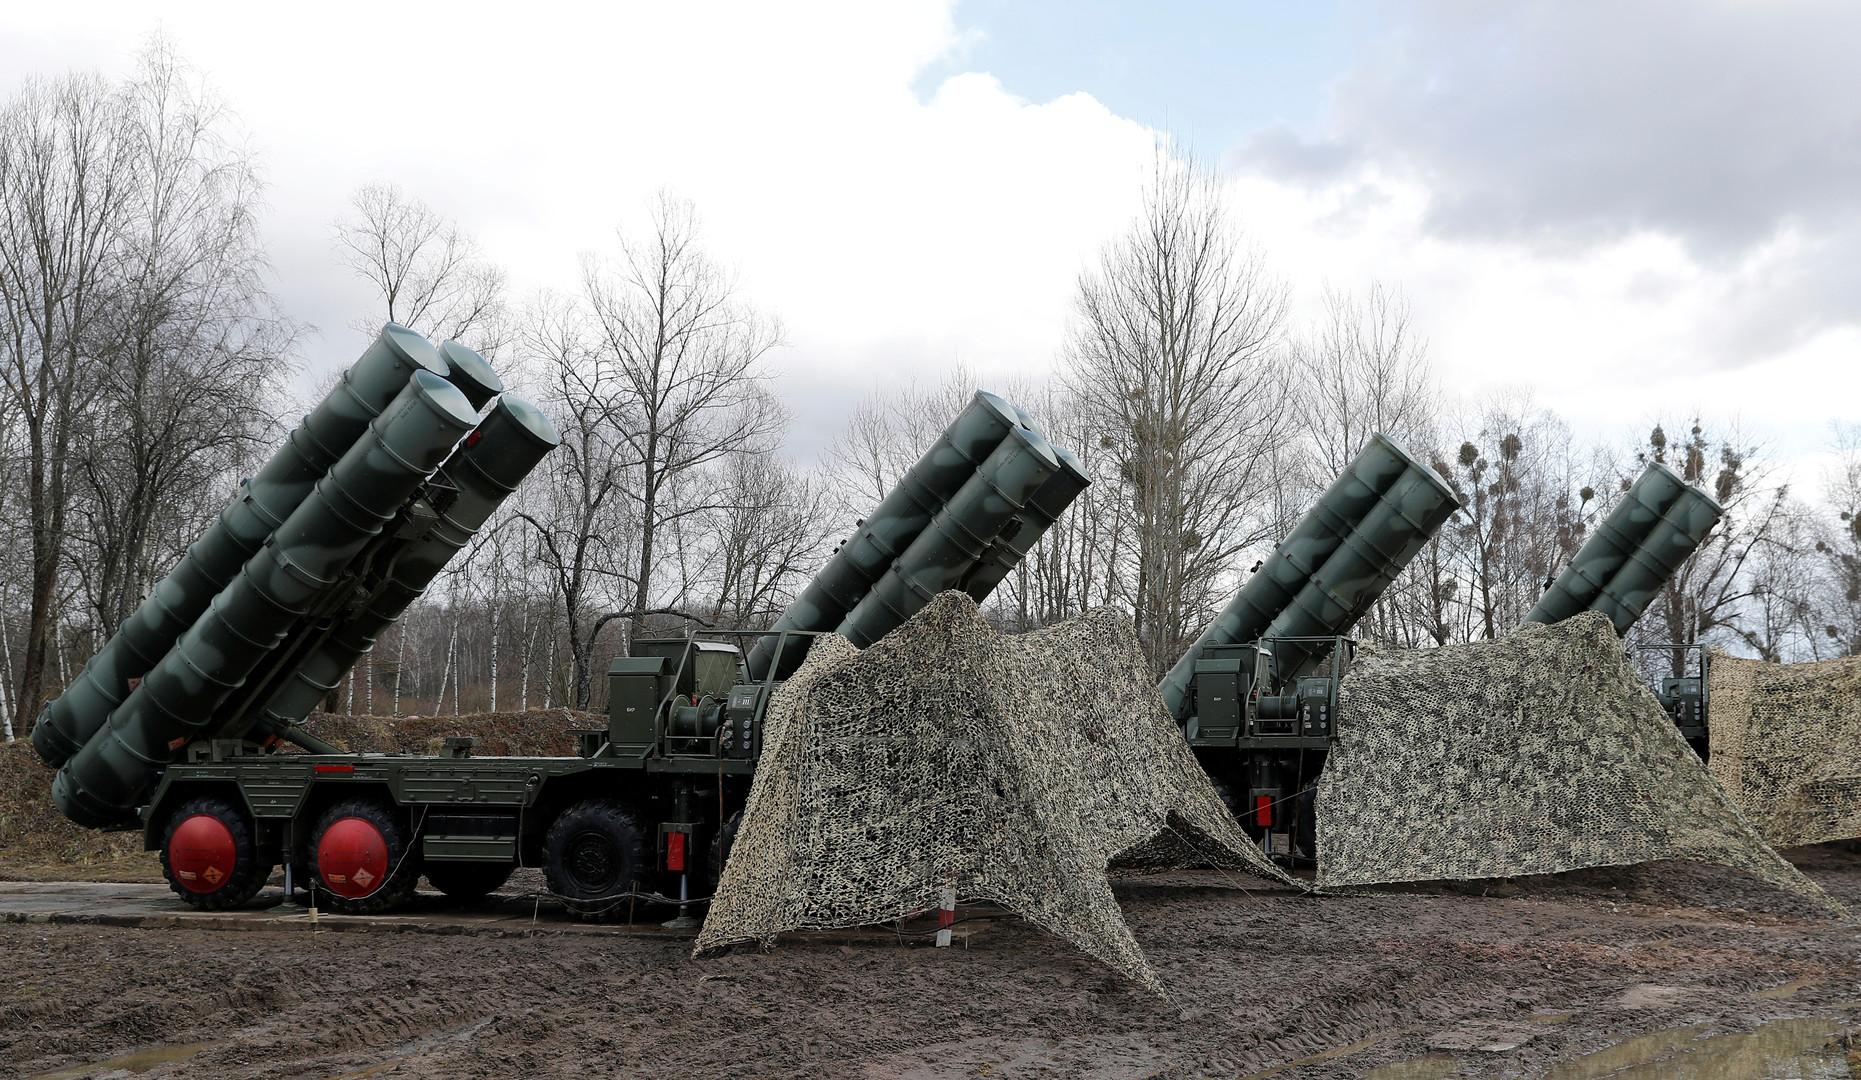 مسؤول عراقي لـRT: نتفاوض مع روسيا لتجهيزنا بمنظومة